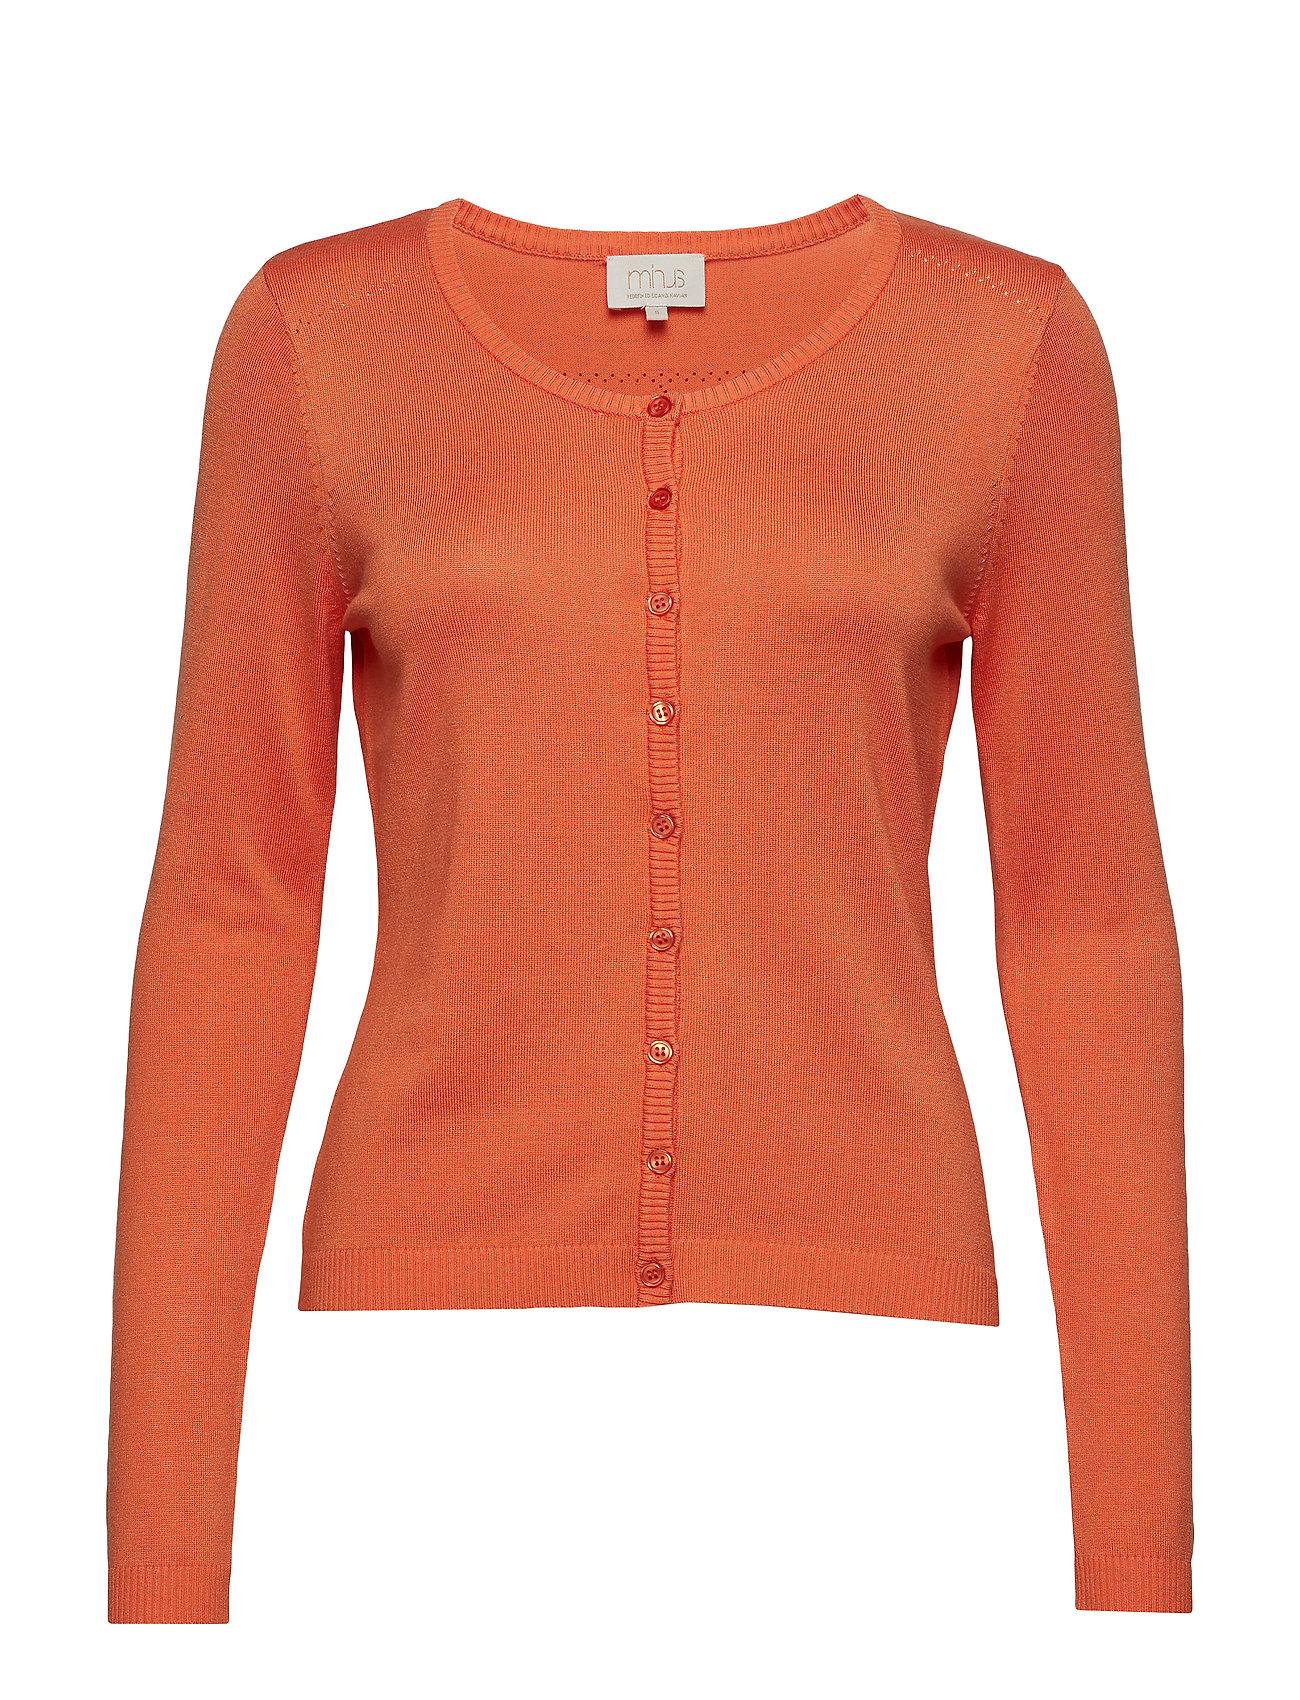 New Laura OrangeMinus OrangeMinus Laura Cardiganpumpkin New New OrangeMinus Cardiganpumpkin Laura Cardiganpumpkin 3L4cjARq5